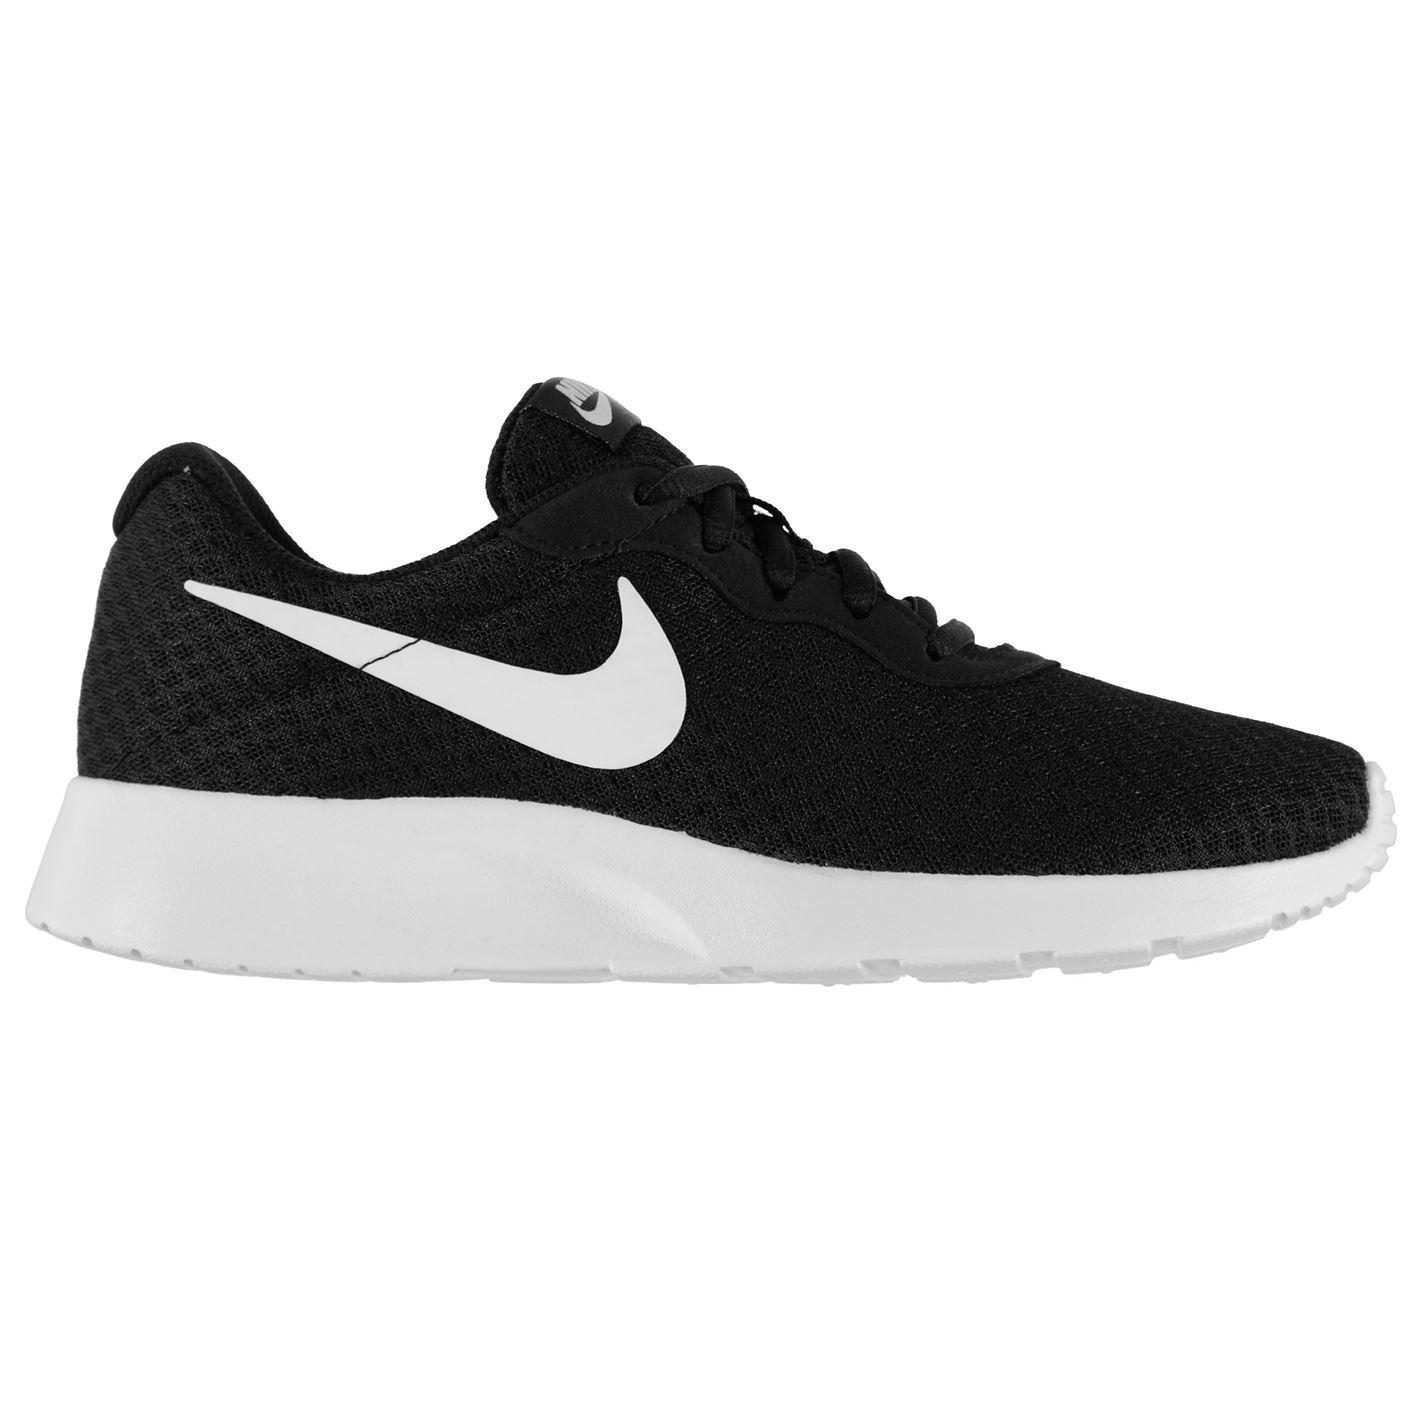 Nike Tanjun - Zapatillas de Entrenamiento para Mujer Negro/Blanco Gimnasio Fitness Zapatillas Zapatillas, Negro/Blanco: Amazon.es: Deportes y aire libre